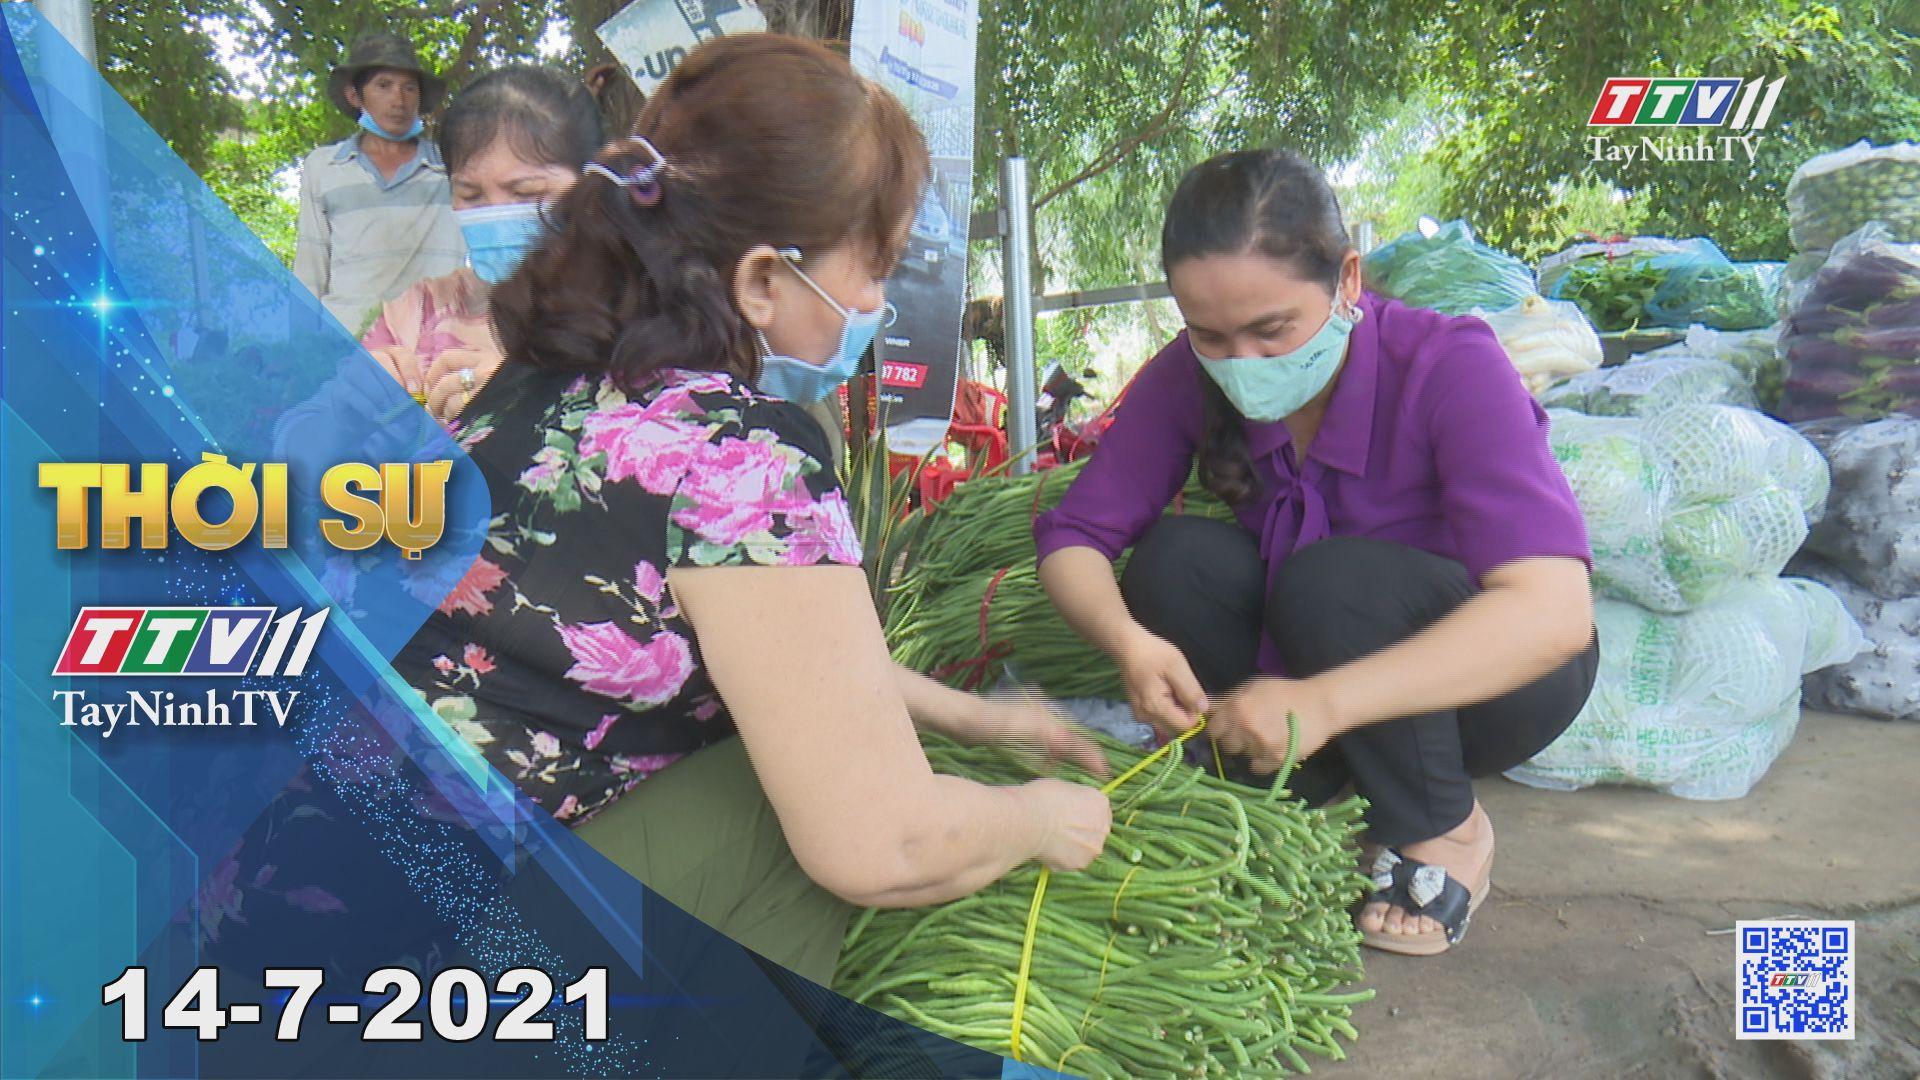 Thời sự Tây Ninh 14-7-2021 | Tin tức hôm nay | TayNinhTV